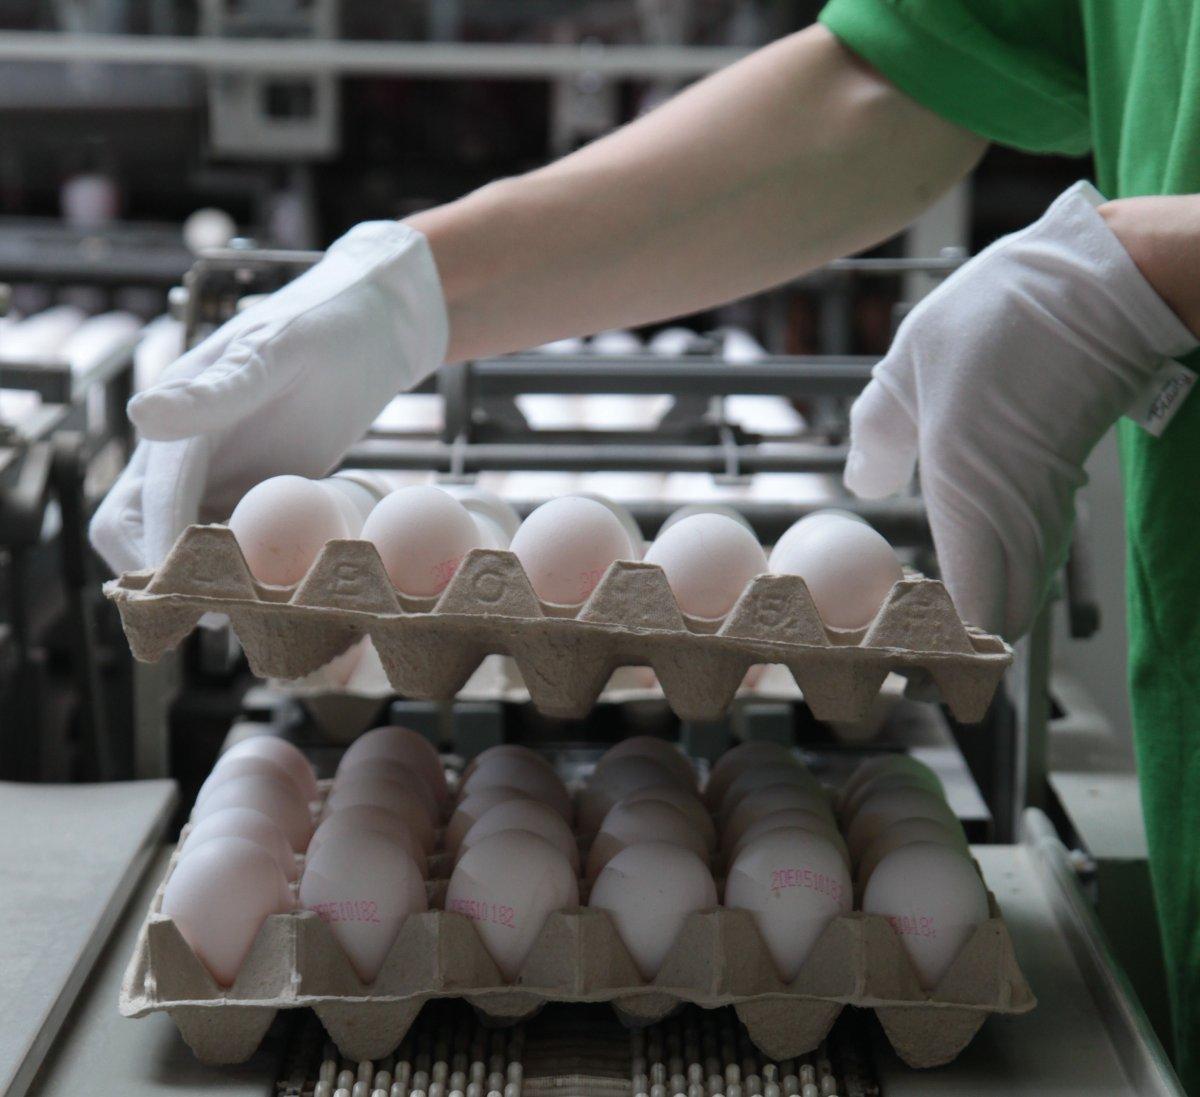 Foto: Eier-Verpackung in der Packstelle